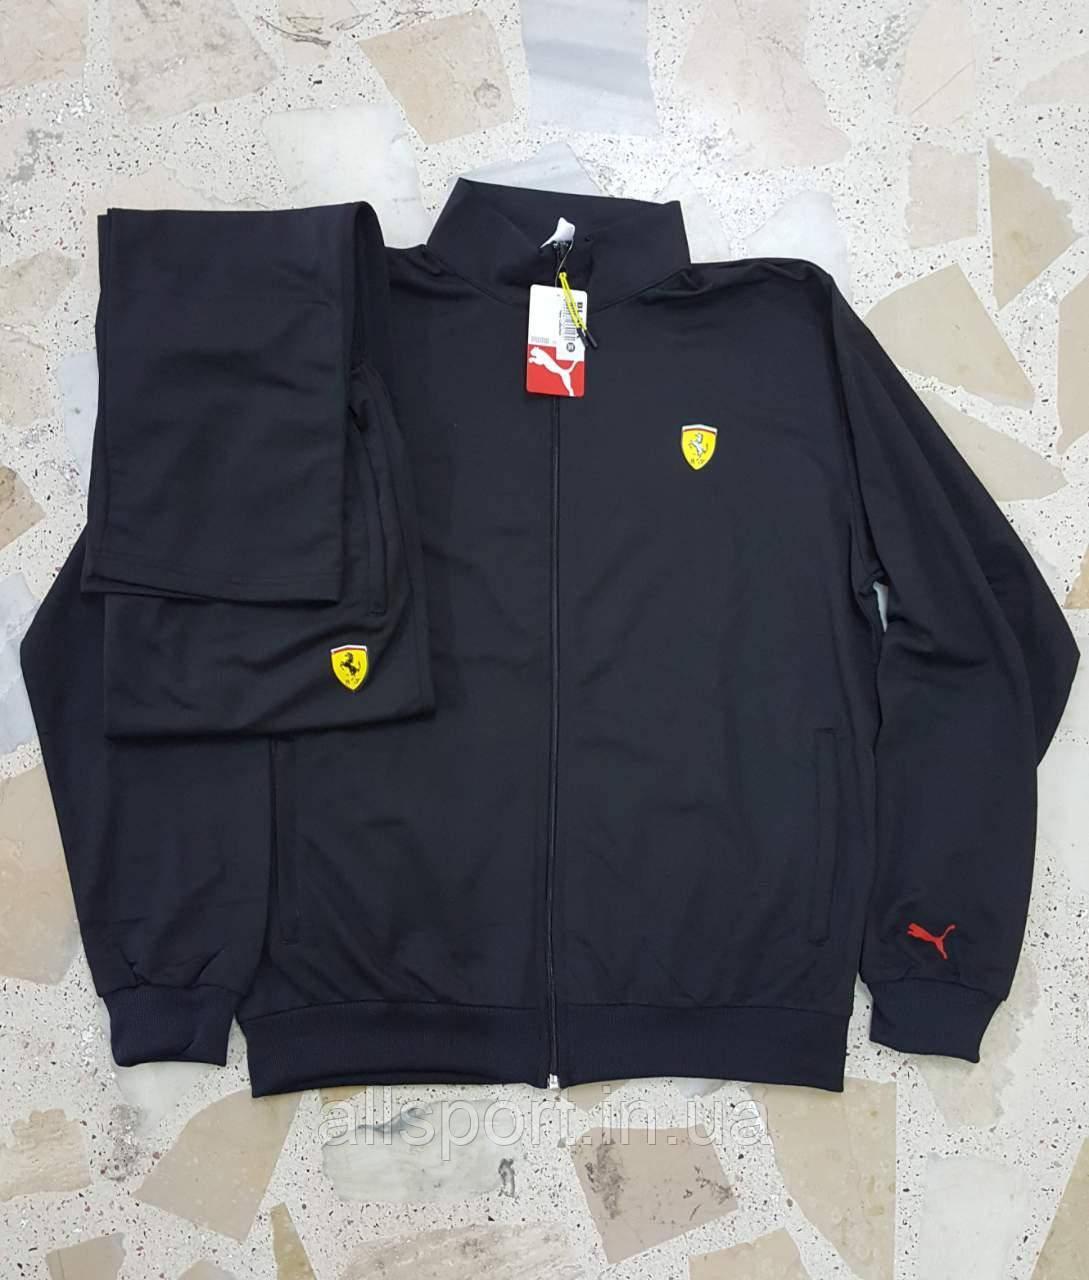 Мужские спортивные костюмы Puma Ferrari Великаны - Интернет-магазин